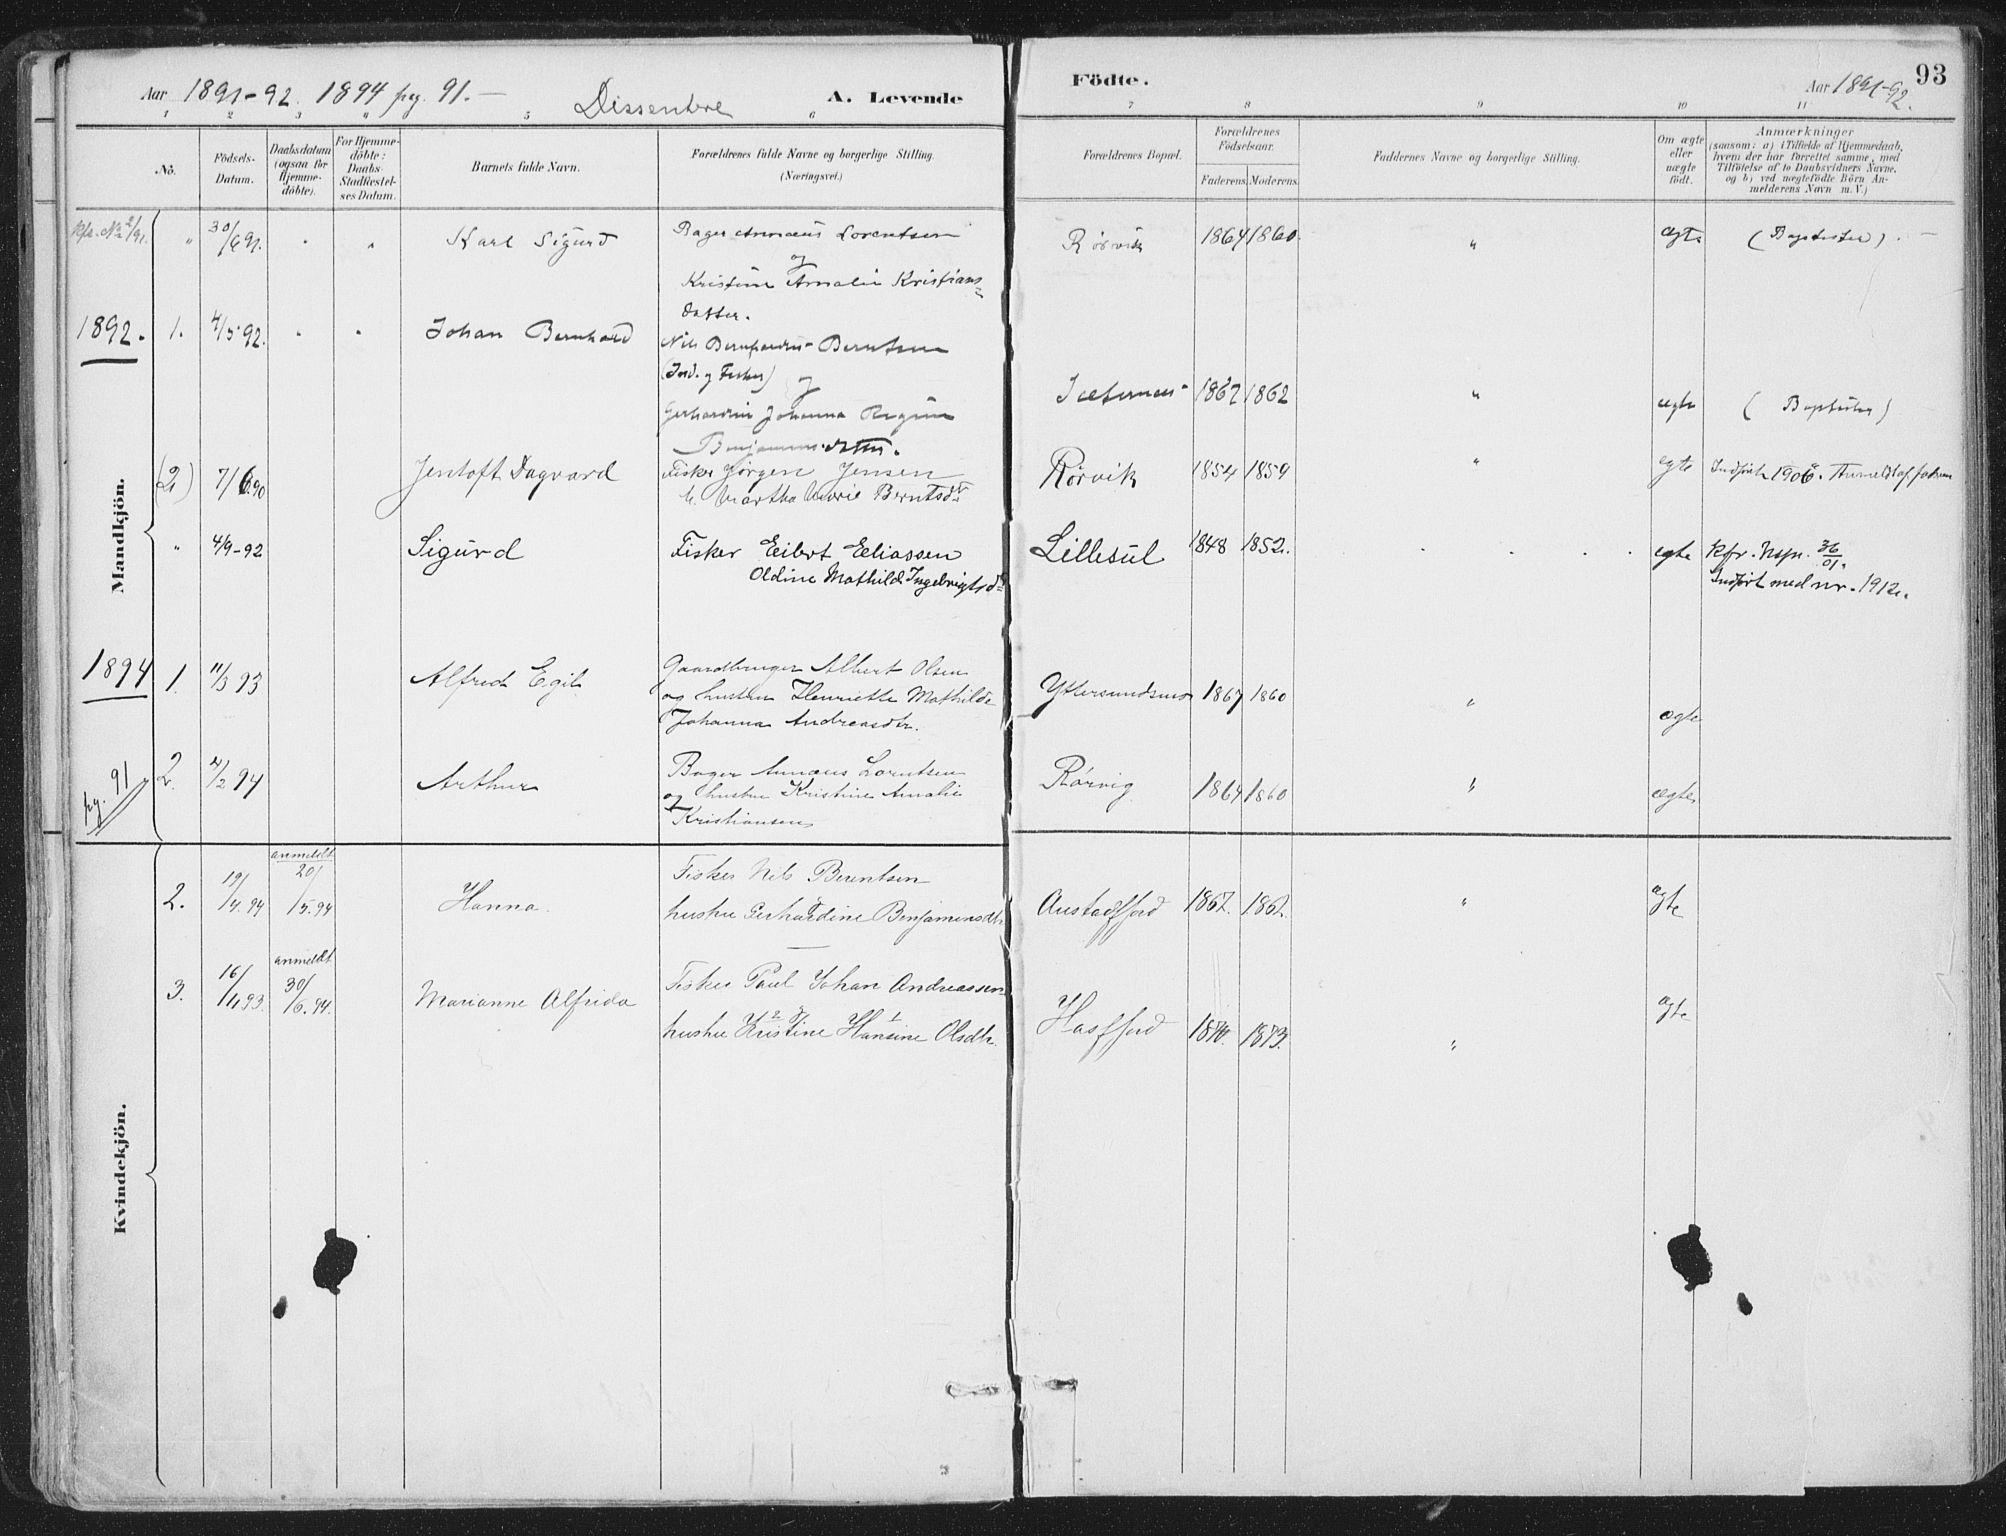 SAT, Ministerialprotokoller, klokkerbøker og fødselsregistre - Nord-Trøndelag, 786/L0687: Ministerialbok nr. 786A03, 1888-1898, s. 93